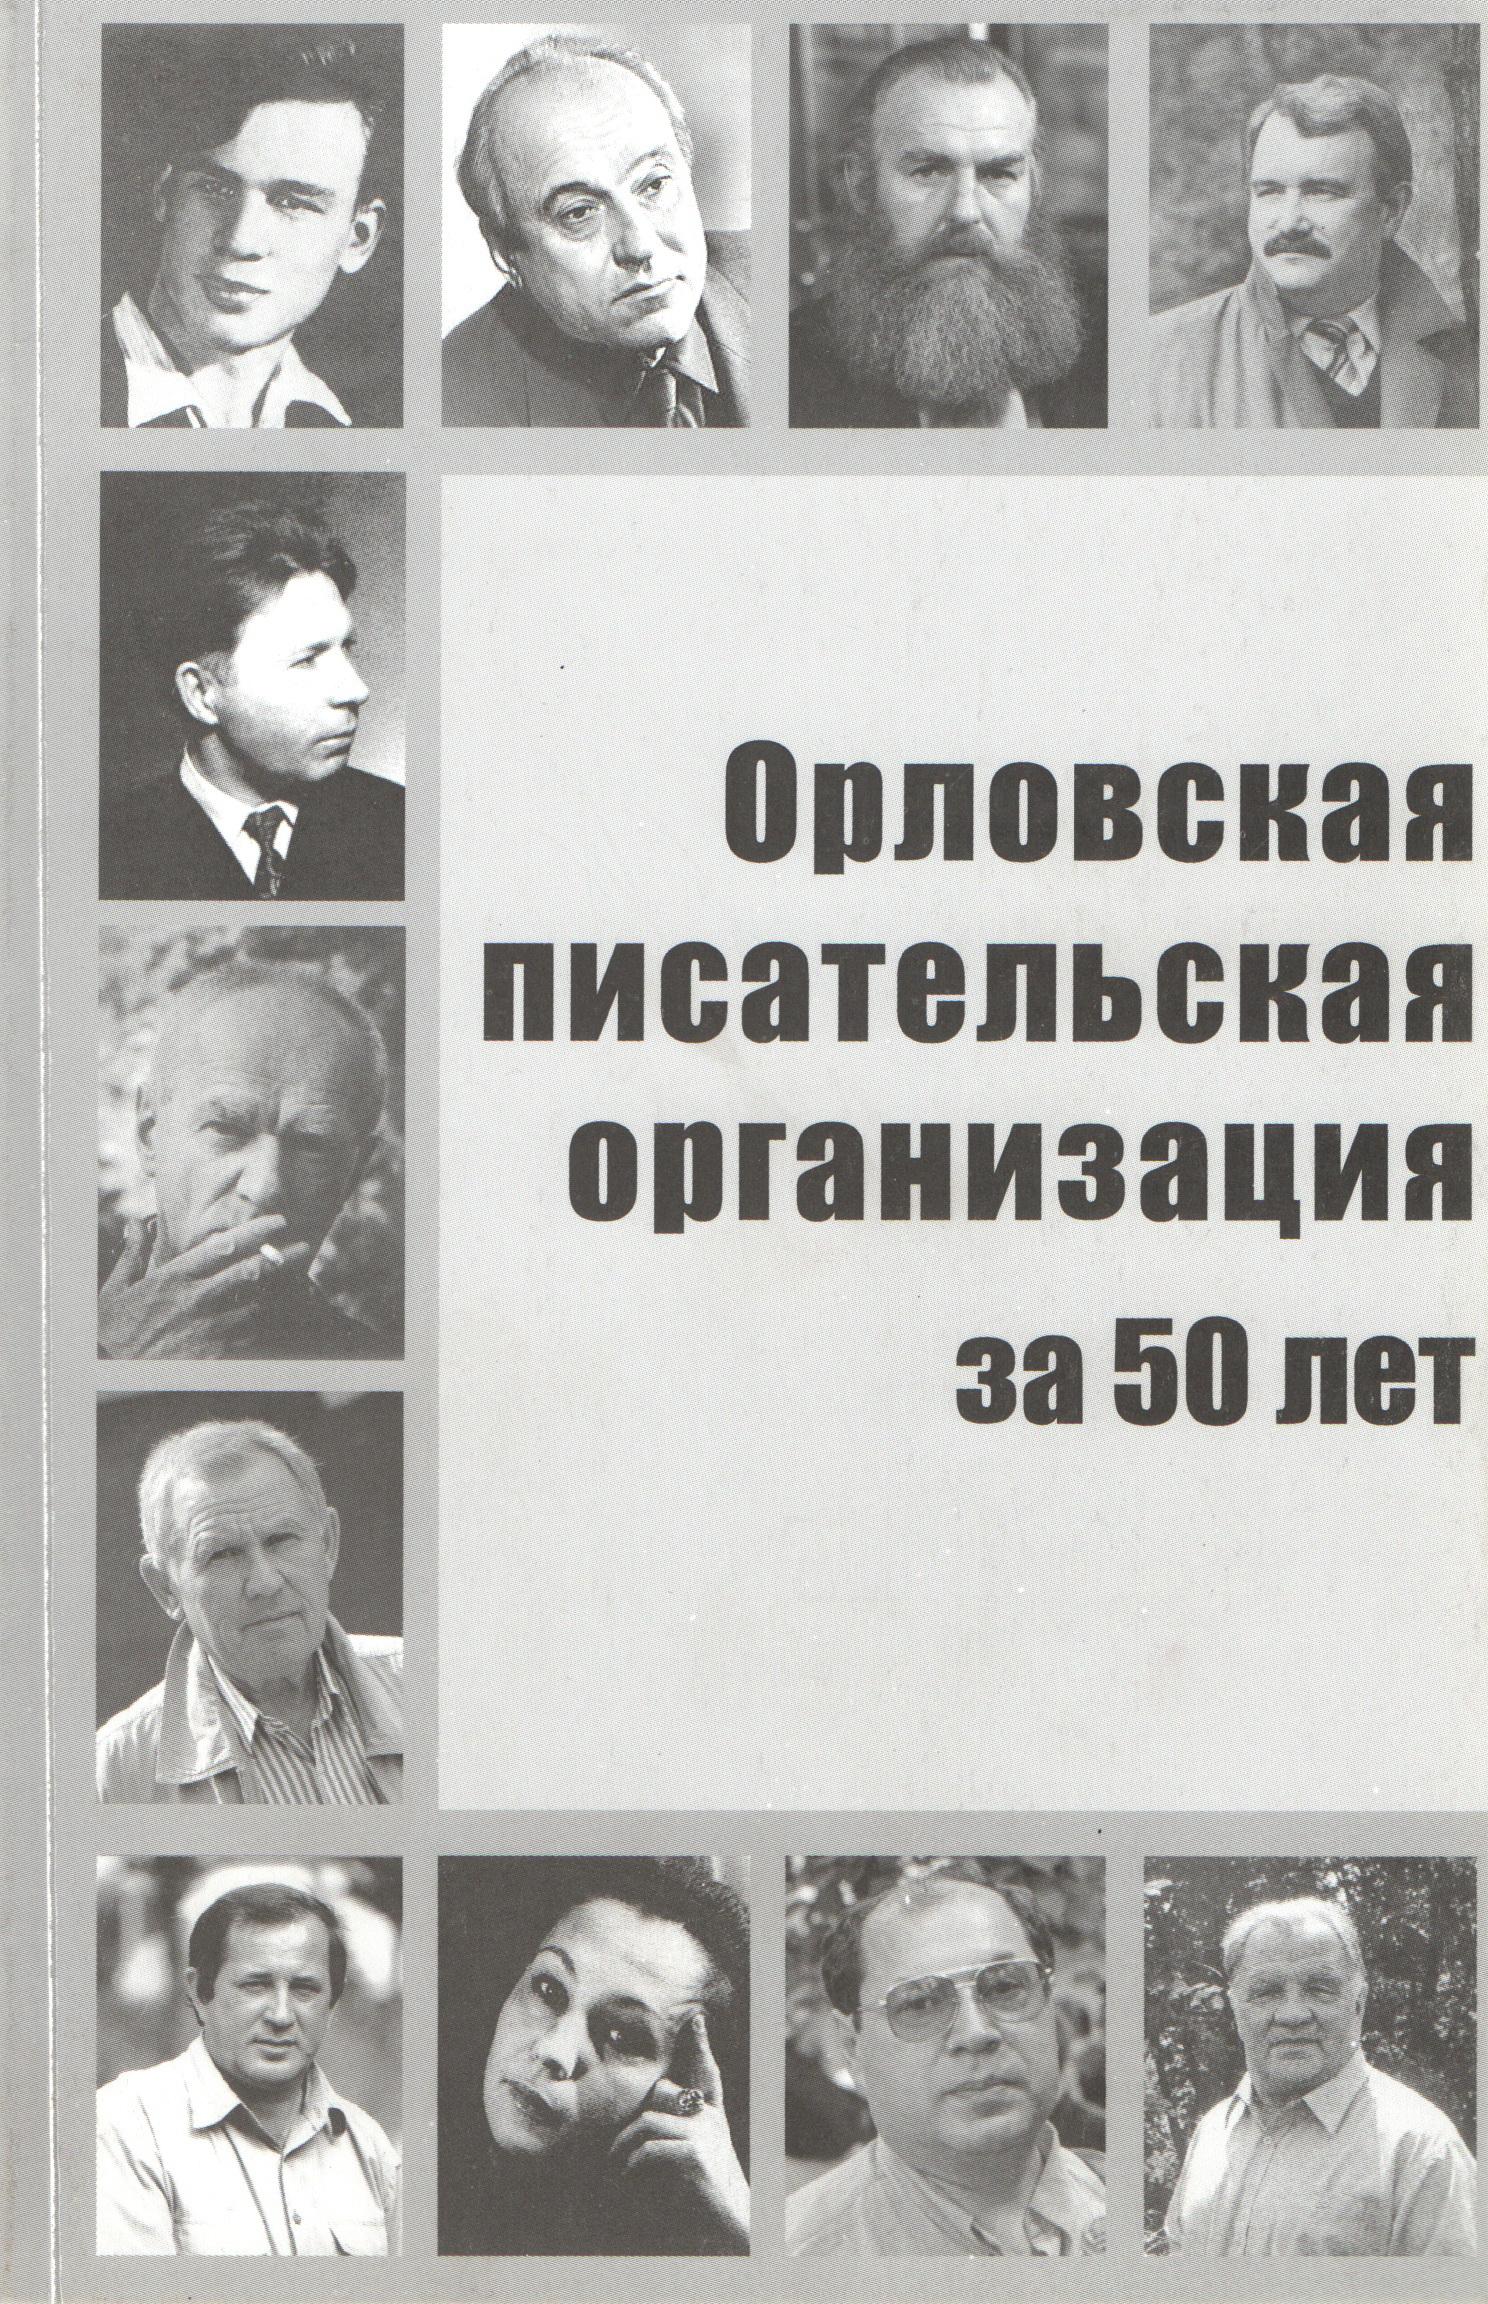 Орловская писательская организация за 50 лет